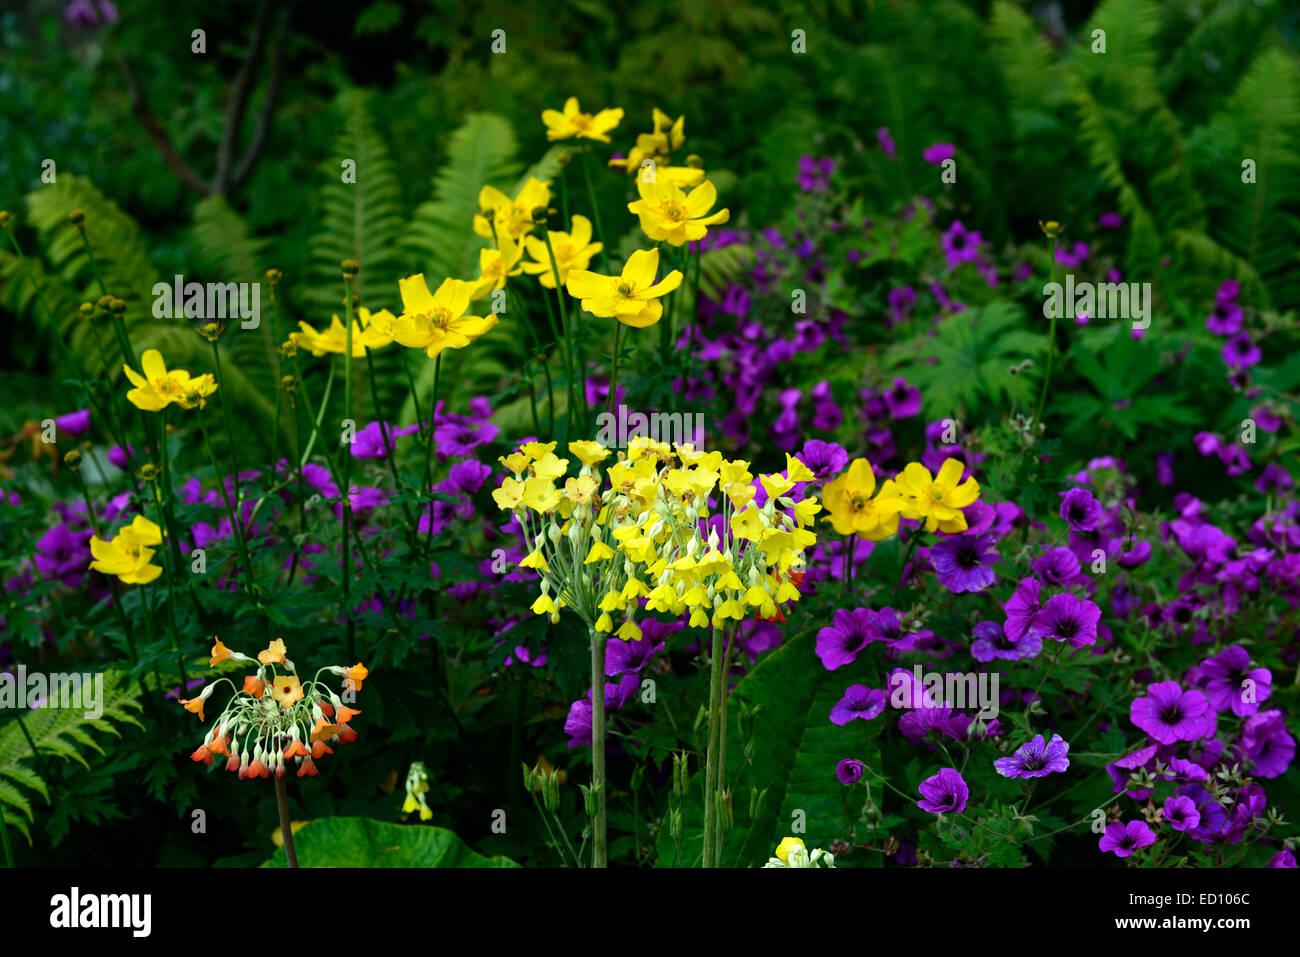 Primula Florindae Meconopsis Cambrica Geranium Psilostemon Yellow